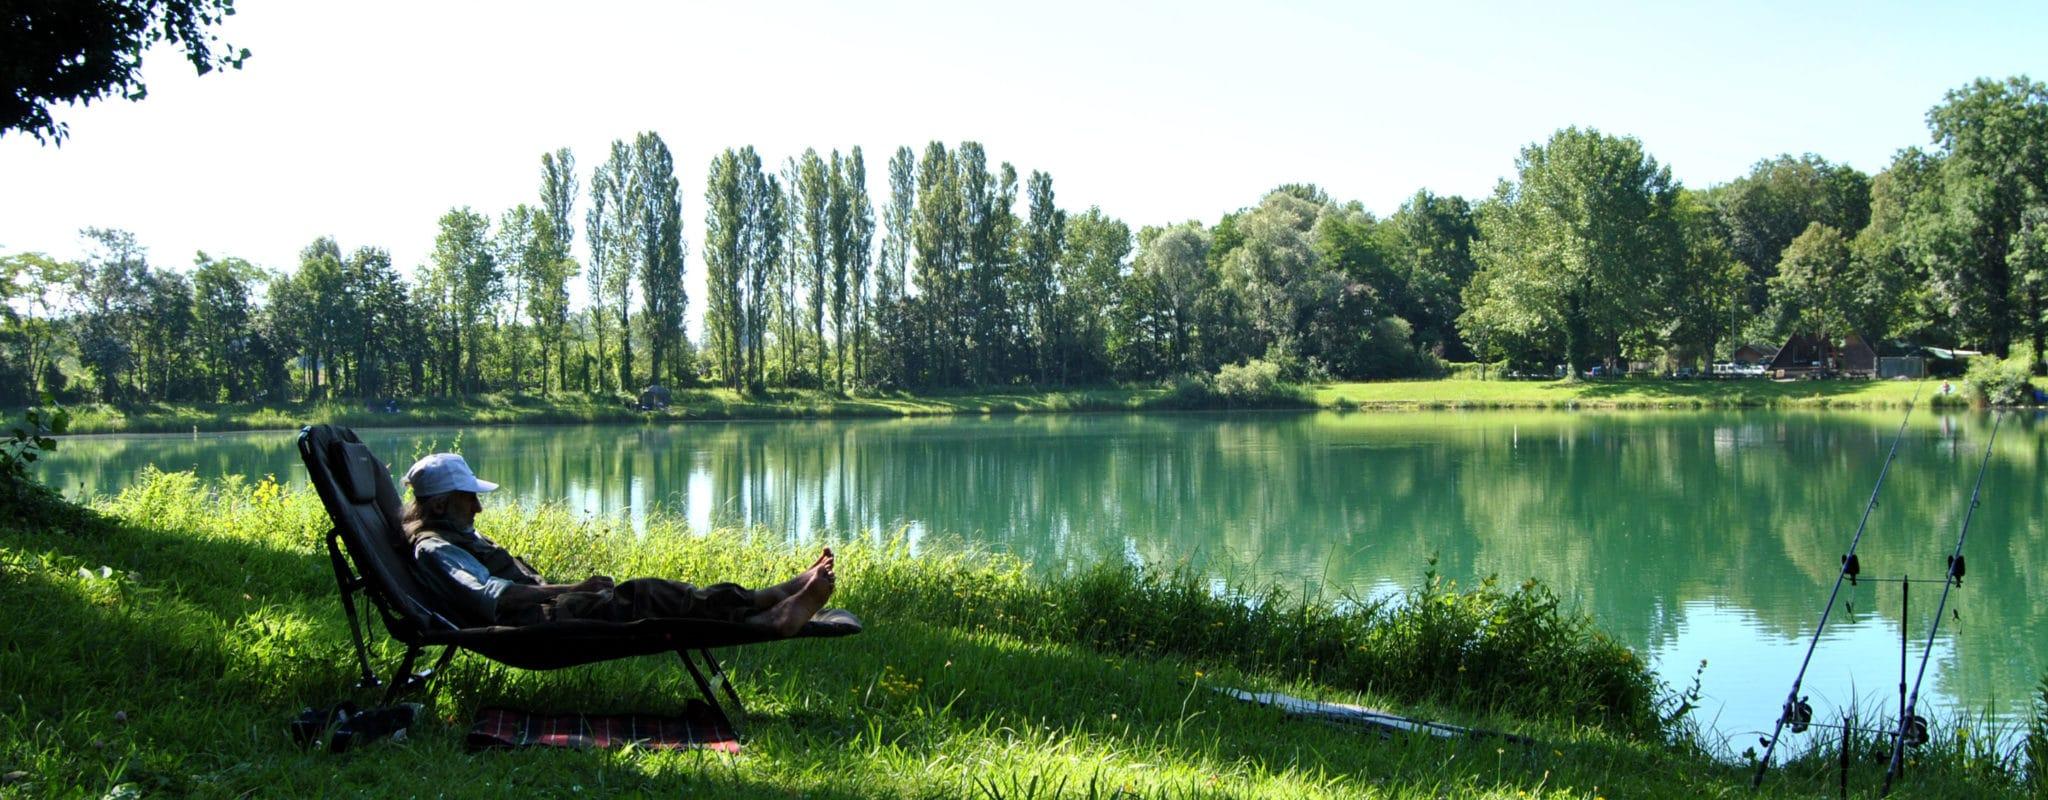 Sur l'étang du Rohrkopf, la fable de la carpe et du cou du coq